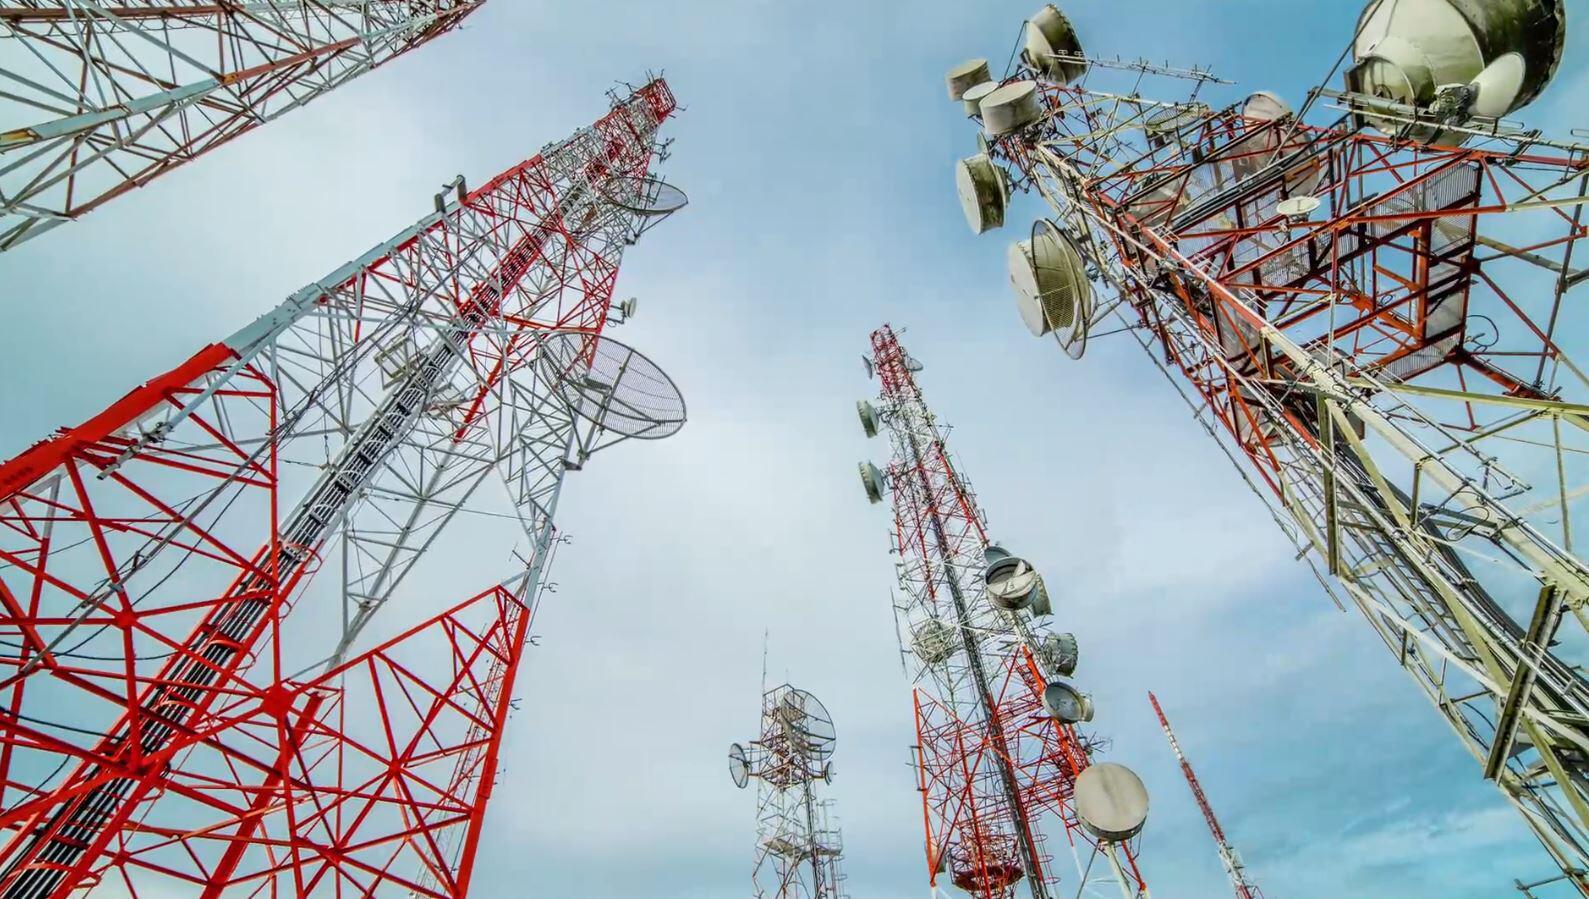 Bild zu Mobilfunkmasten, Mobilfunk